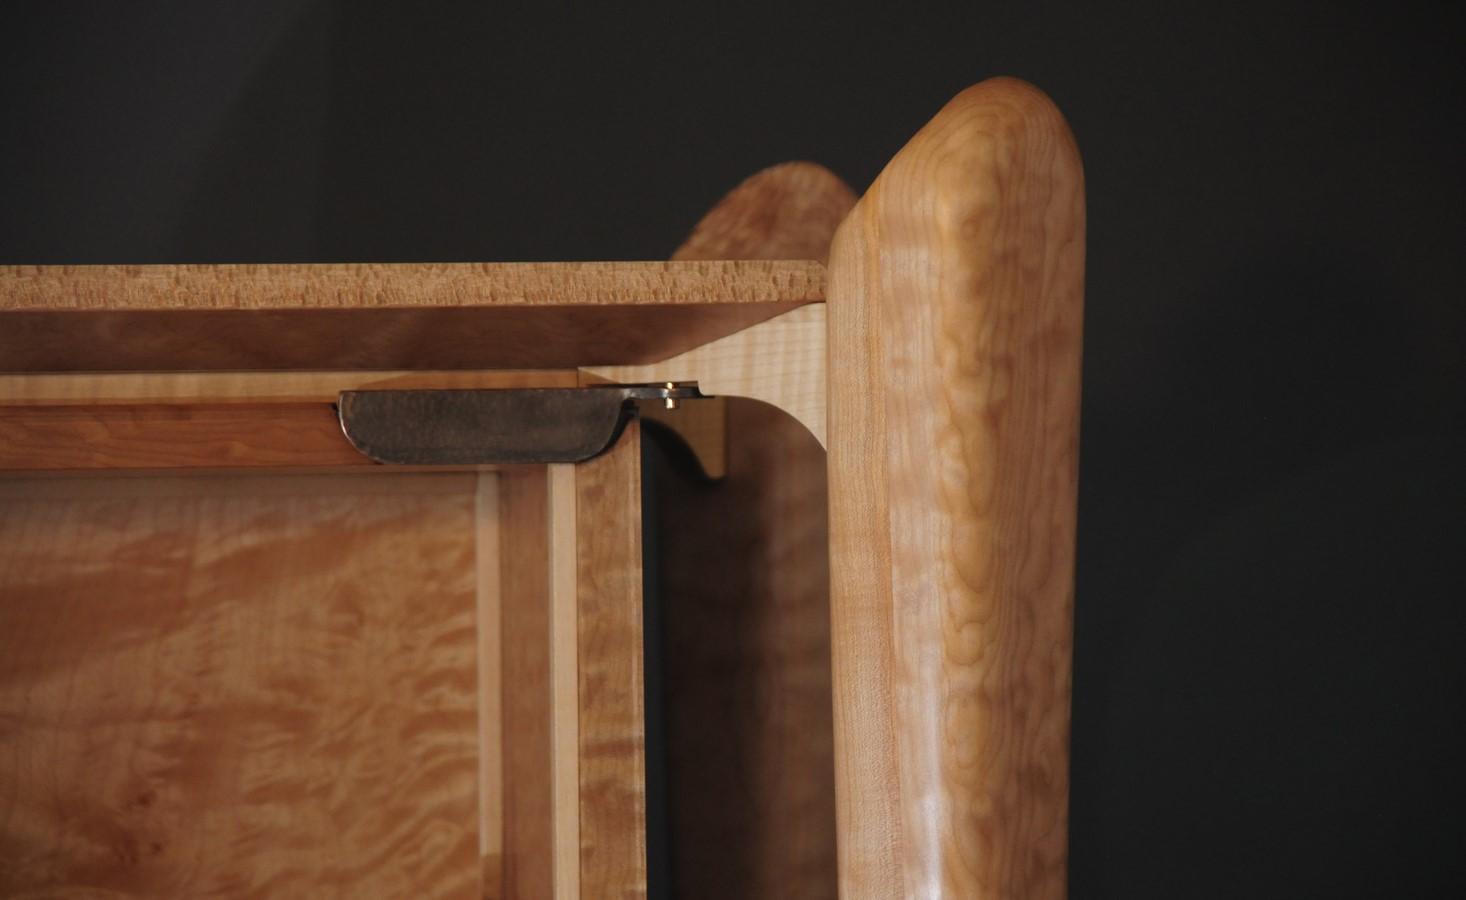 Detail of hinge